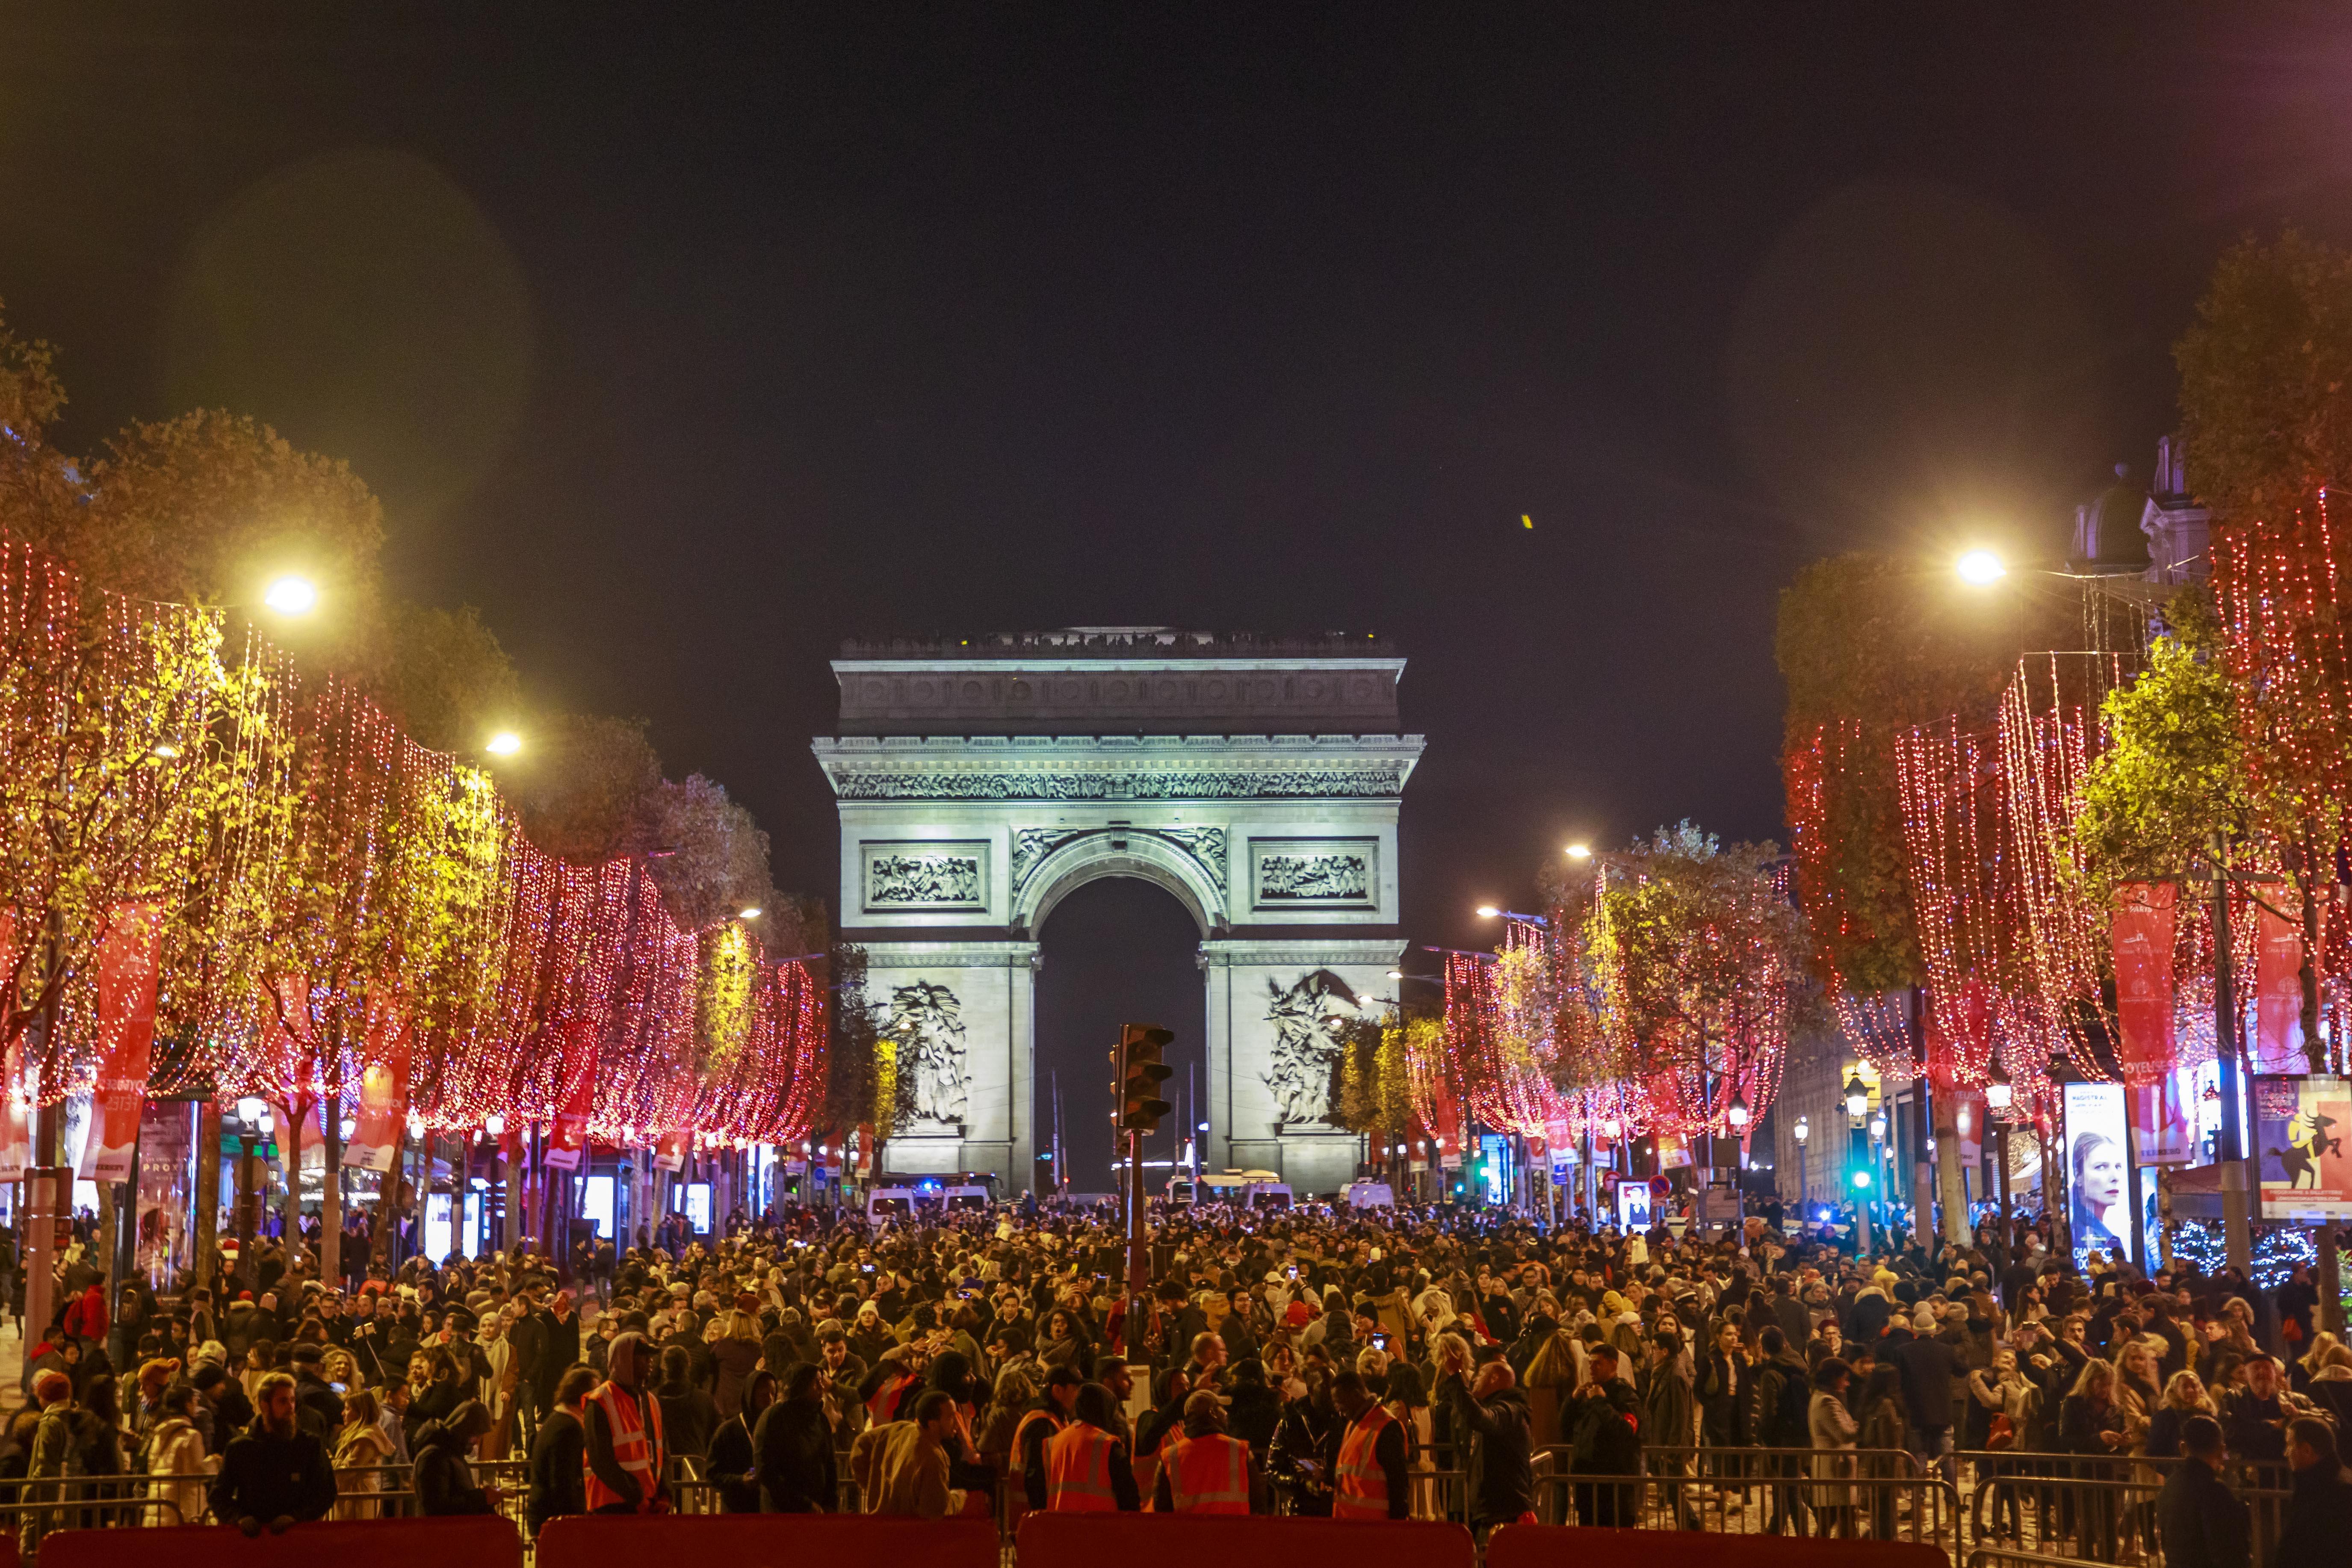 <p>Най-известният булевард в столицата беше озарен от енергоспестяващи светлини. 400-те дървета на &quot;Шанз-Елизе&quot; засияха в червено.&nbsp;Те ще радват туристите и жителите на Париж до 8-ми януари 2020 година. От кметството в парижката столица се похвалиха, че всяка година успяват намаляват консумацията на енергия от коледната украса.</p>